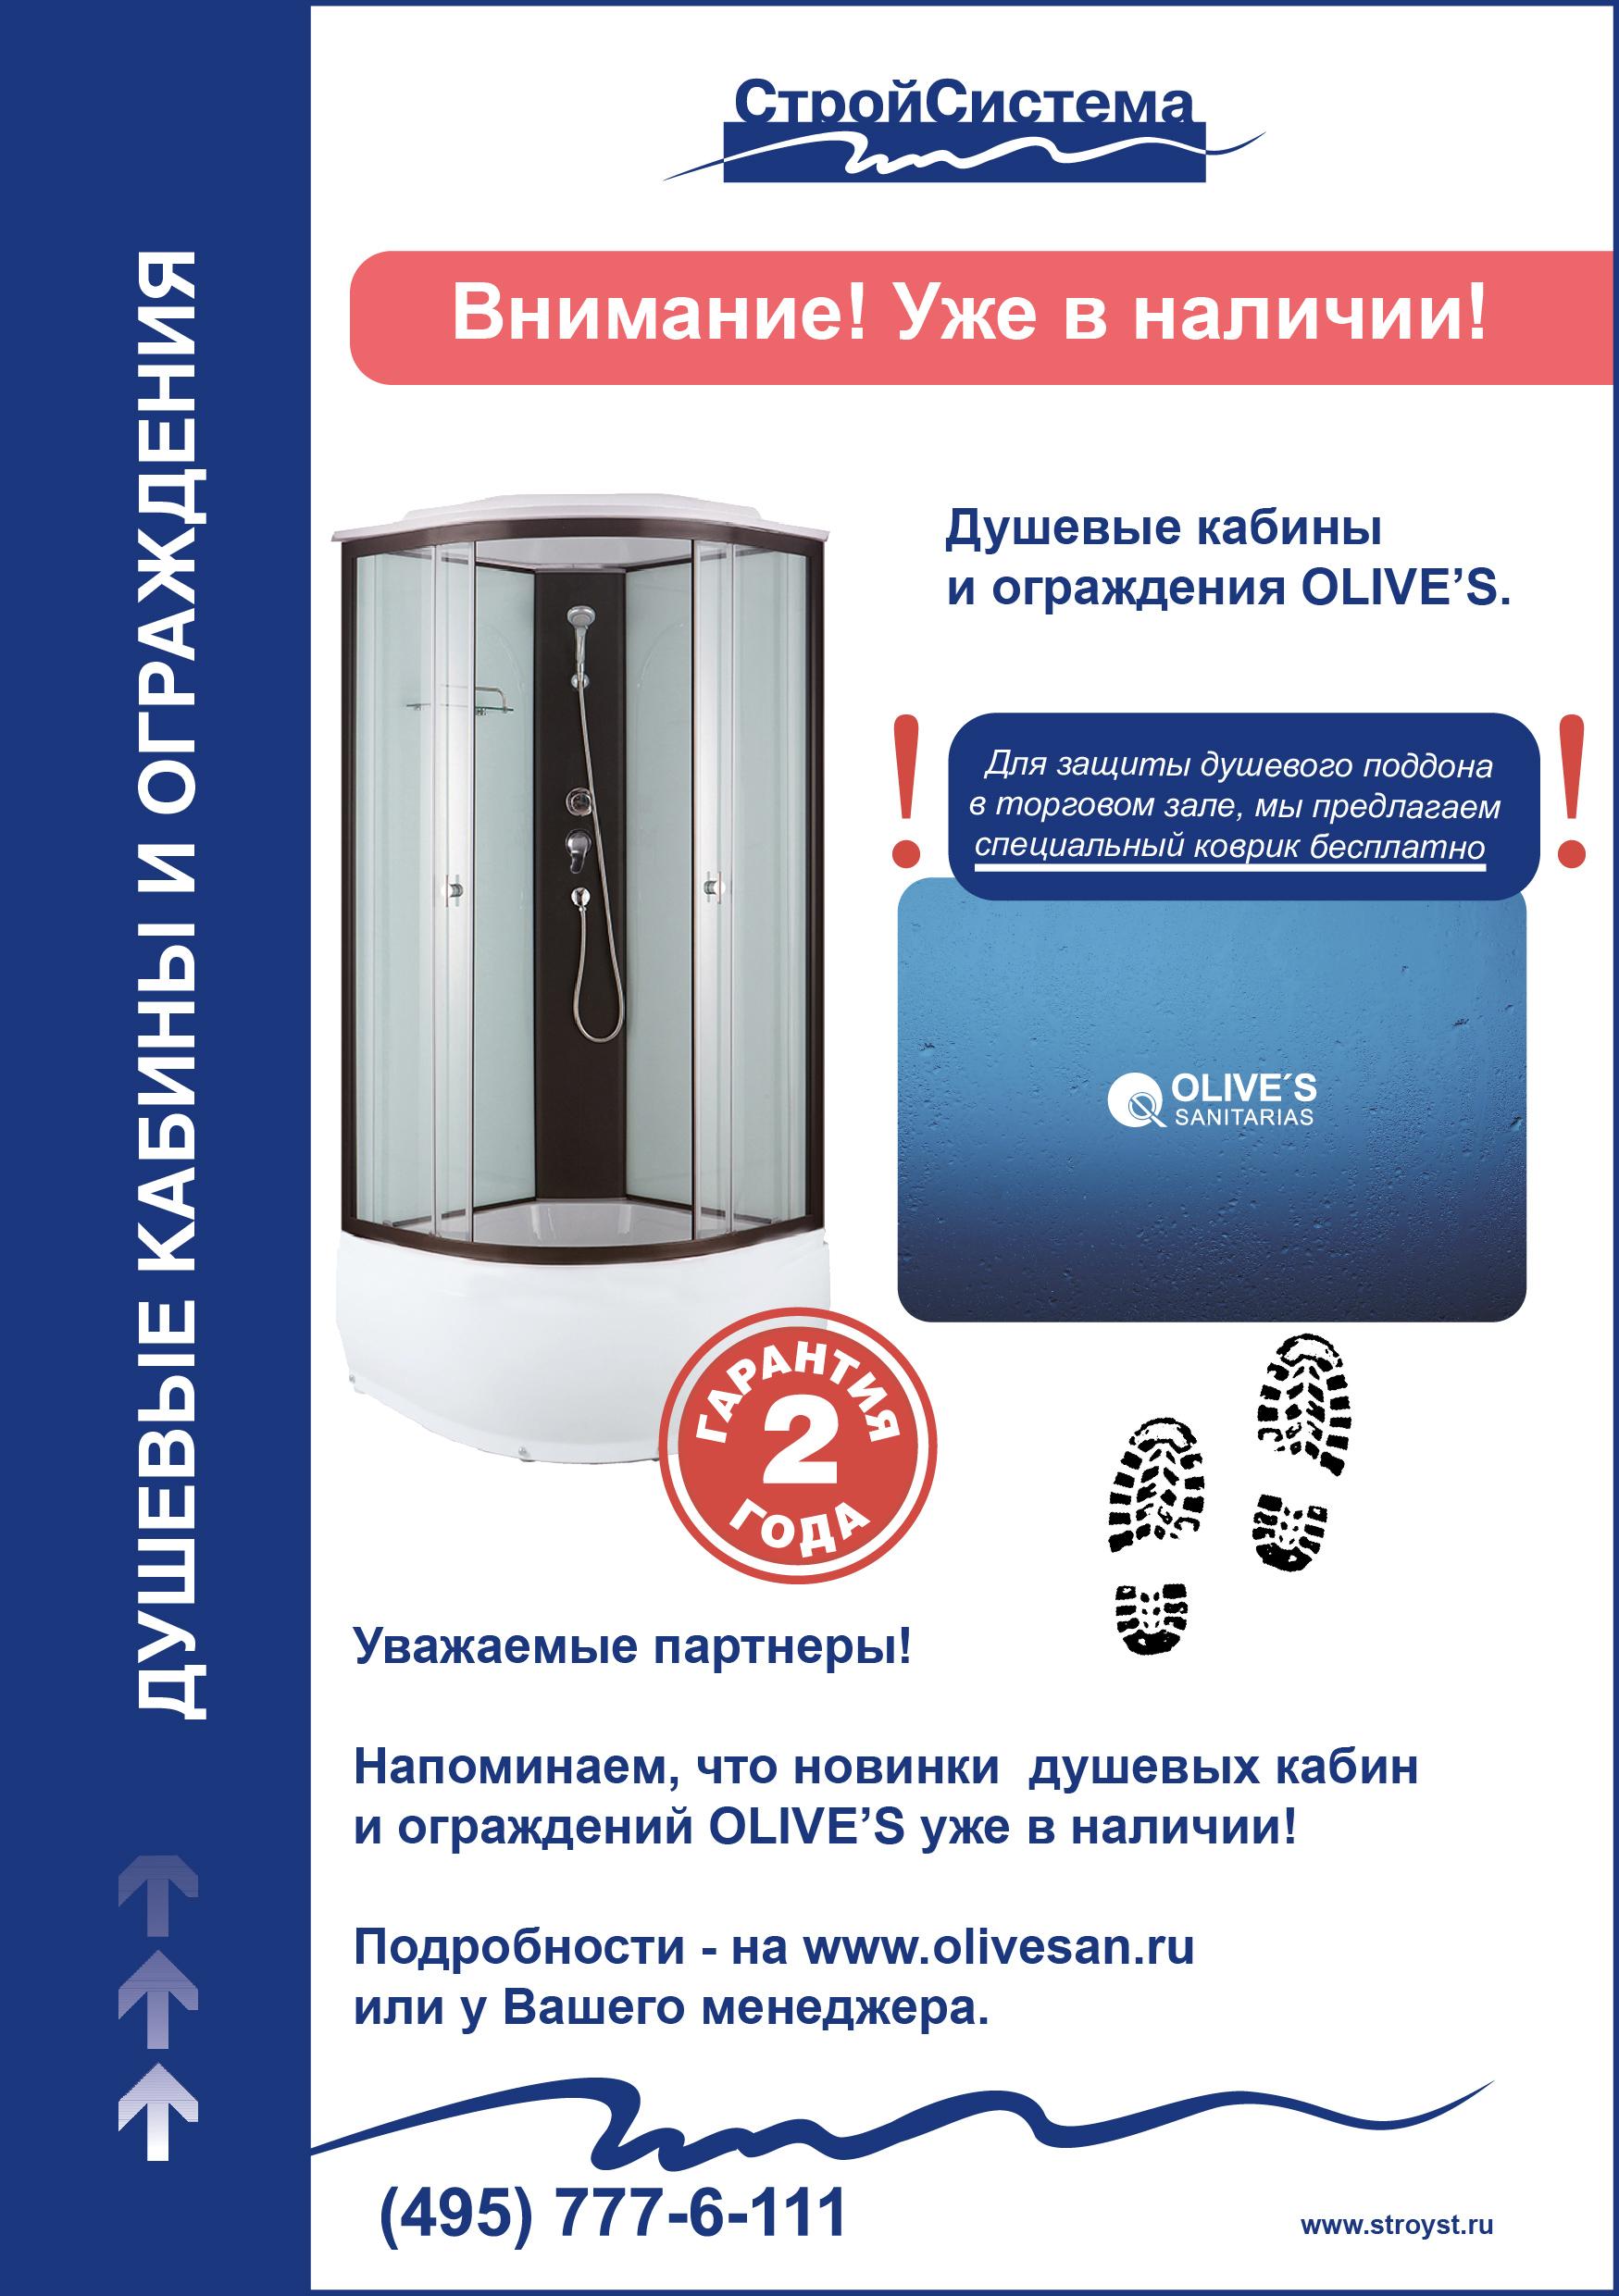 OLIVE'S_кабины_и_ограждения_новинки